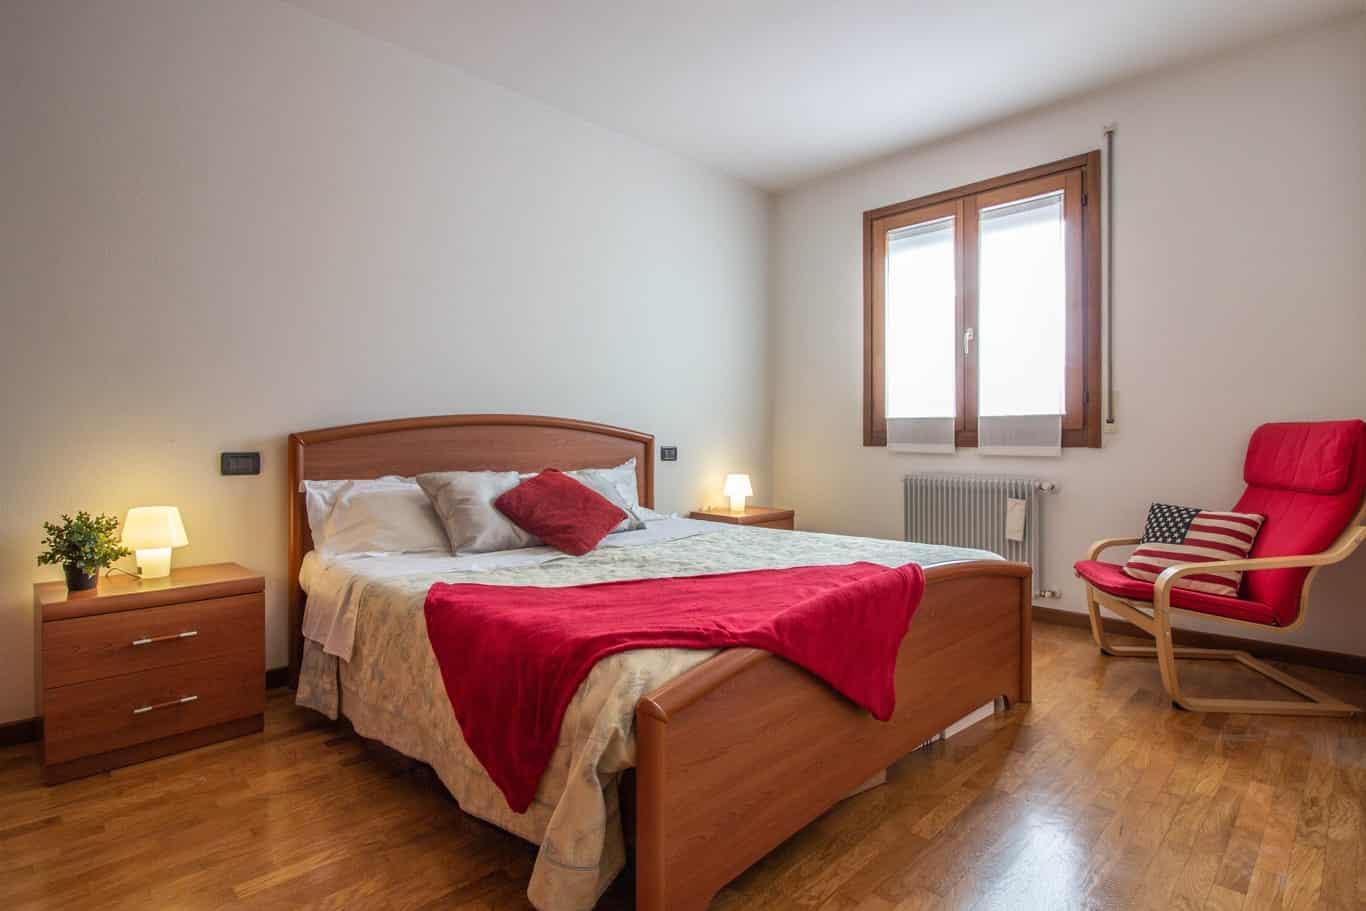 abitare immobiliare vendesi appartamento a pordenone (1 of 8)